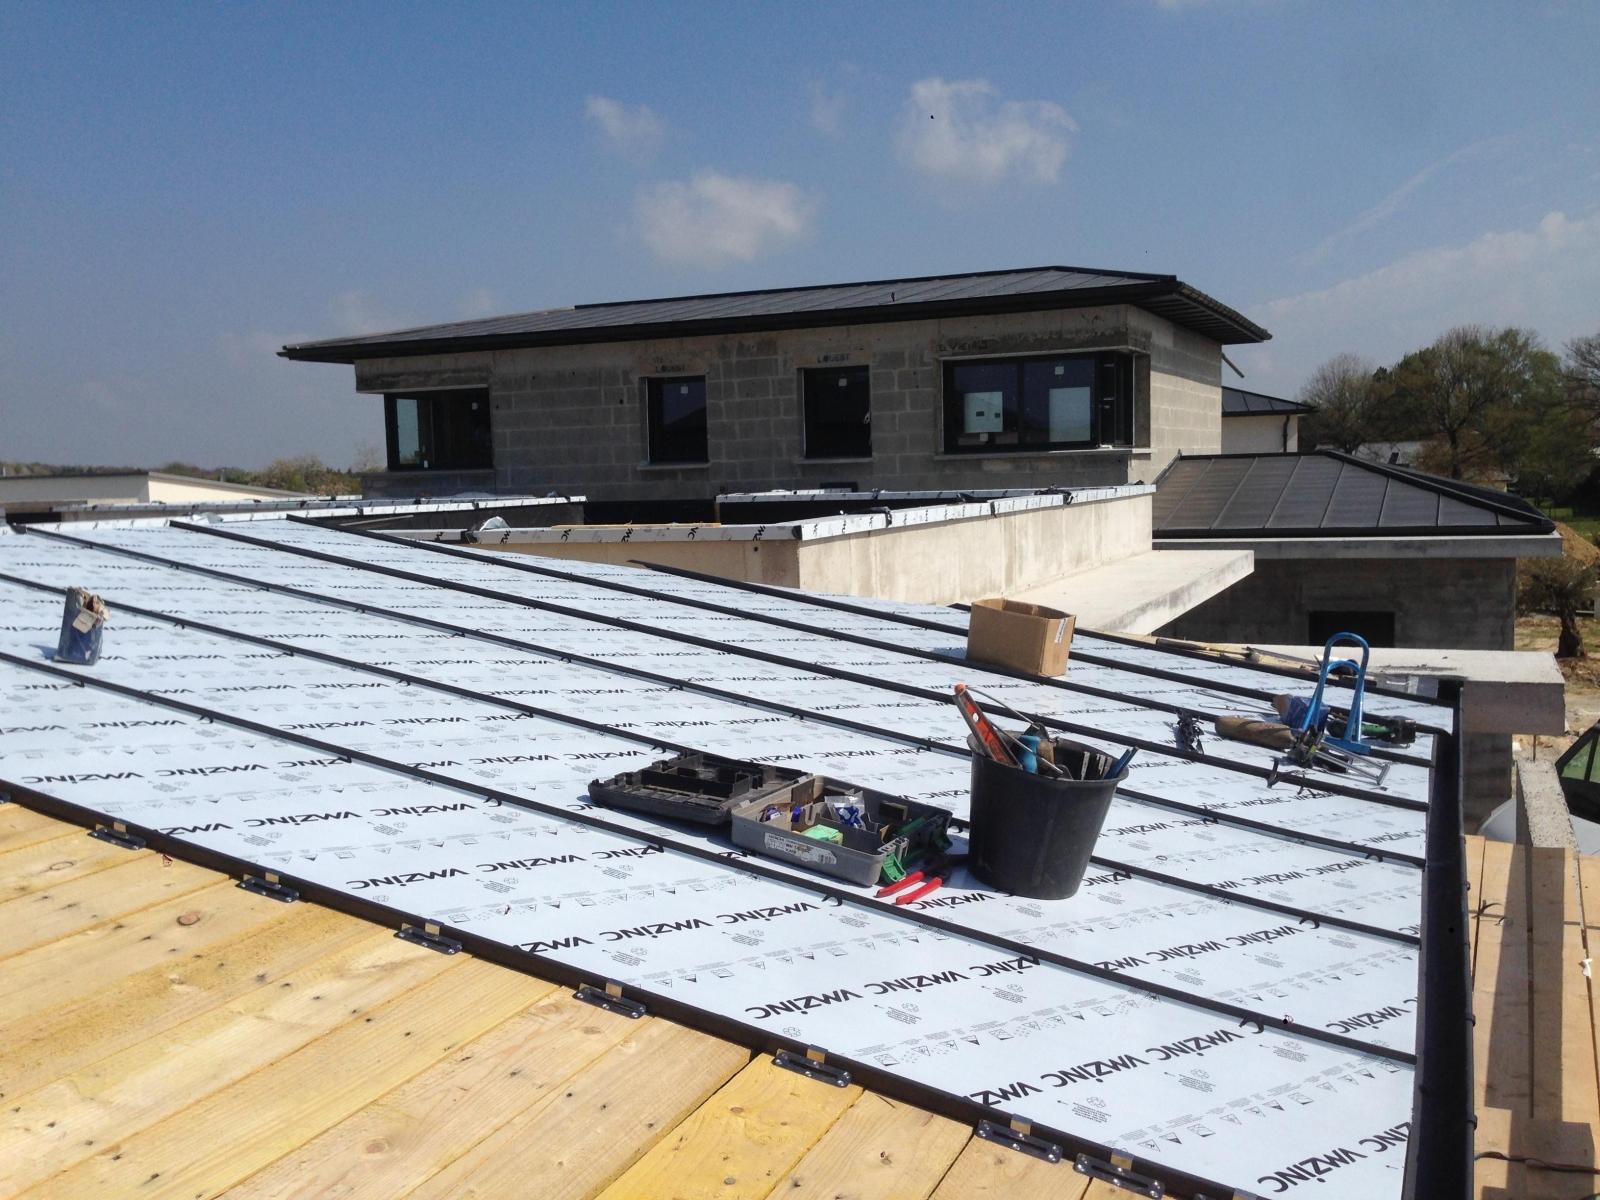 maison bois toit plat 4 velux toit plat extension 1000x1125 la maison des toit terrasse. Black Bedroom Furniture Sets. Home Design Ideas